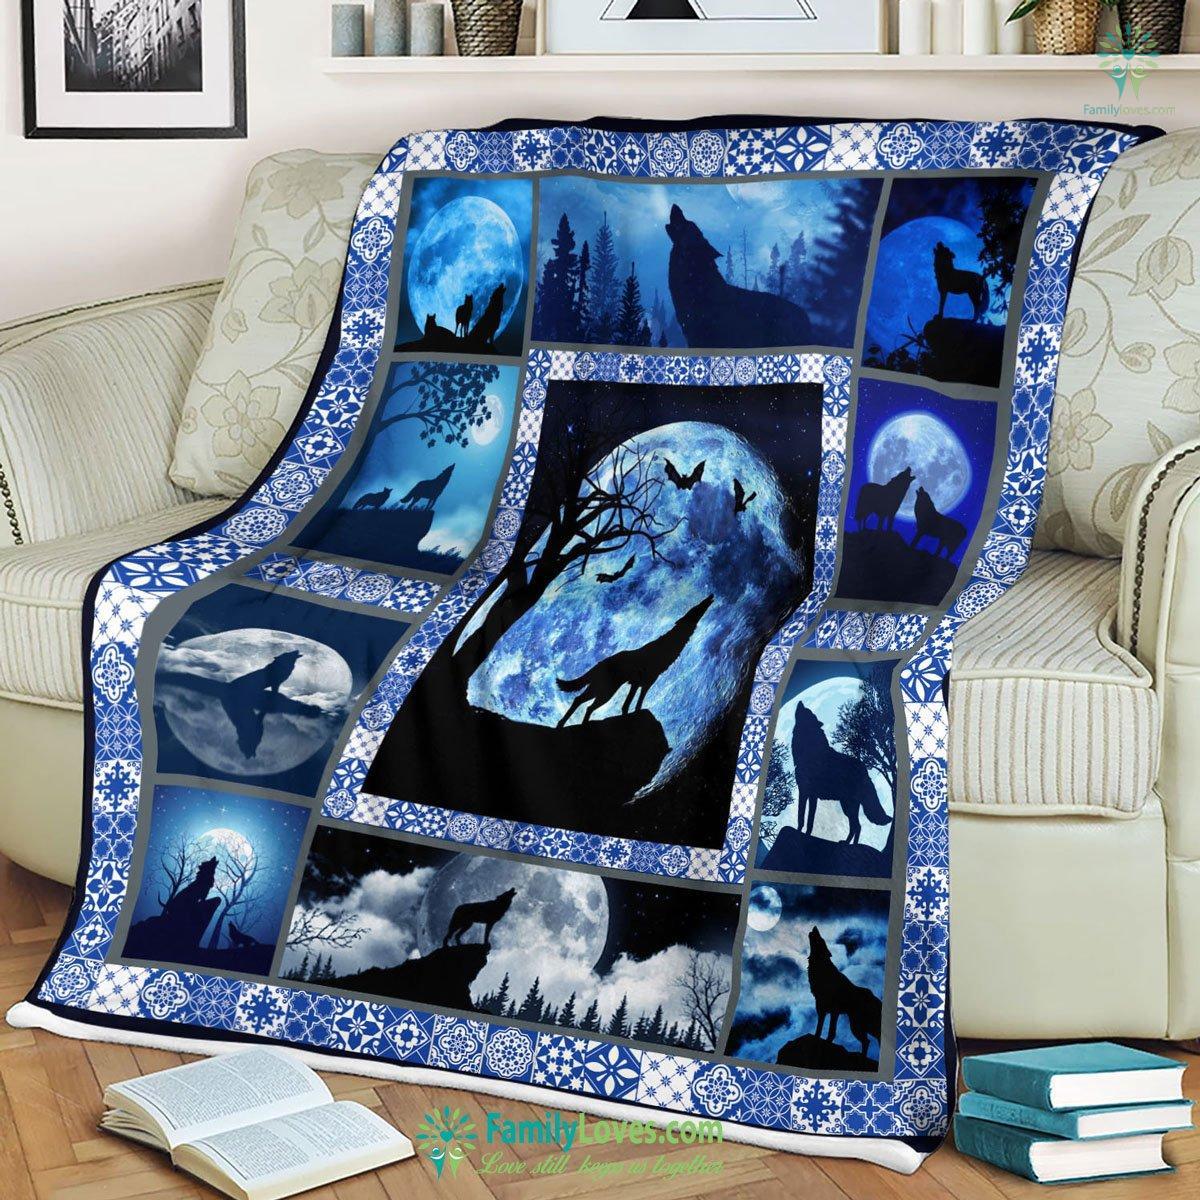 Wolf Blanket 17 Familyloves.com